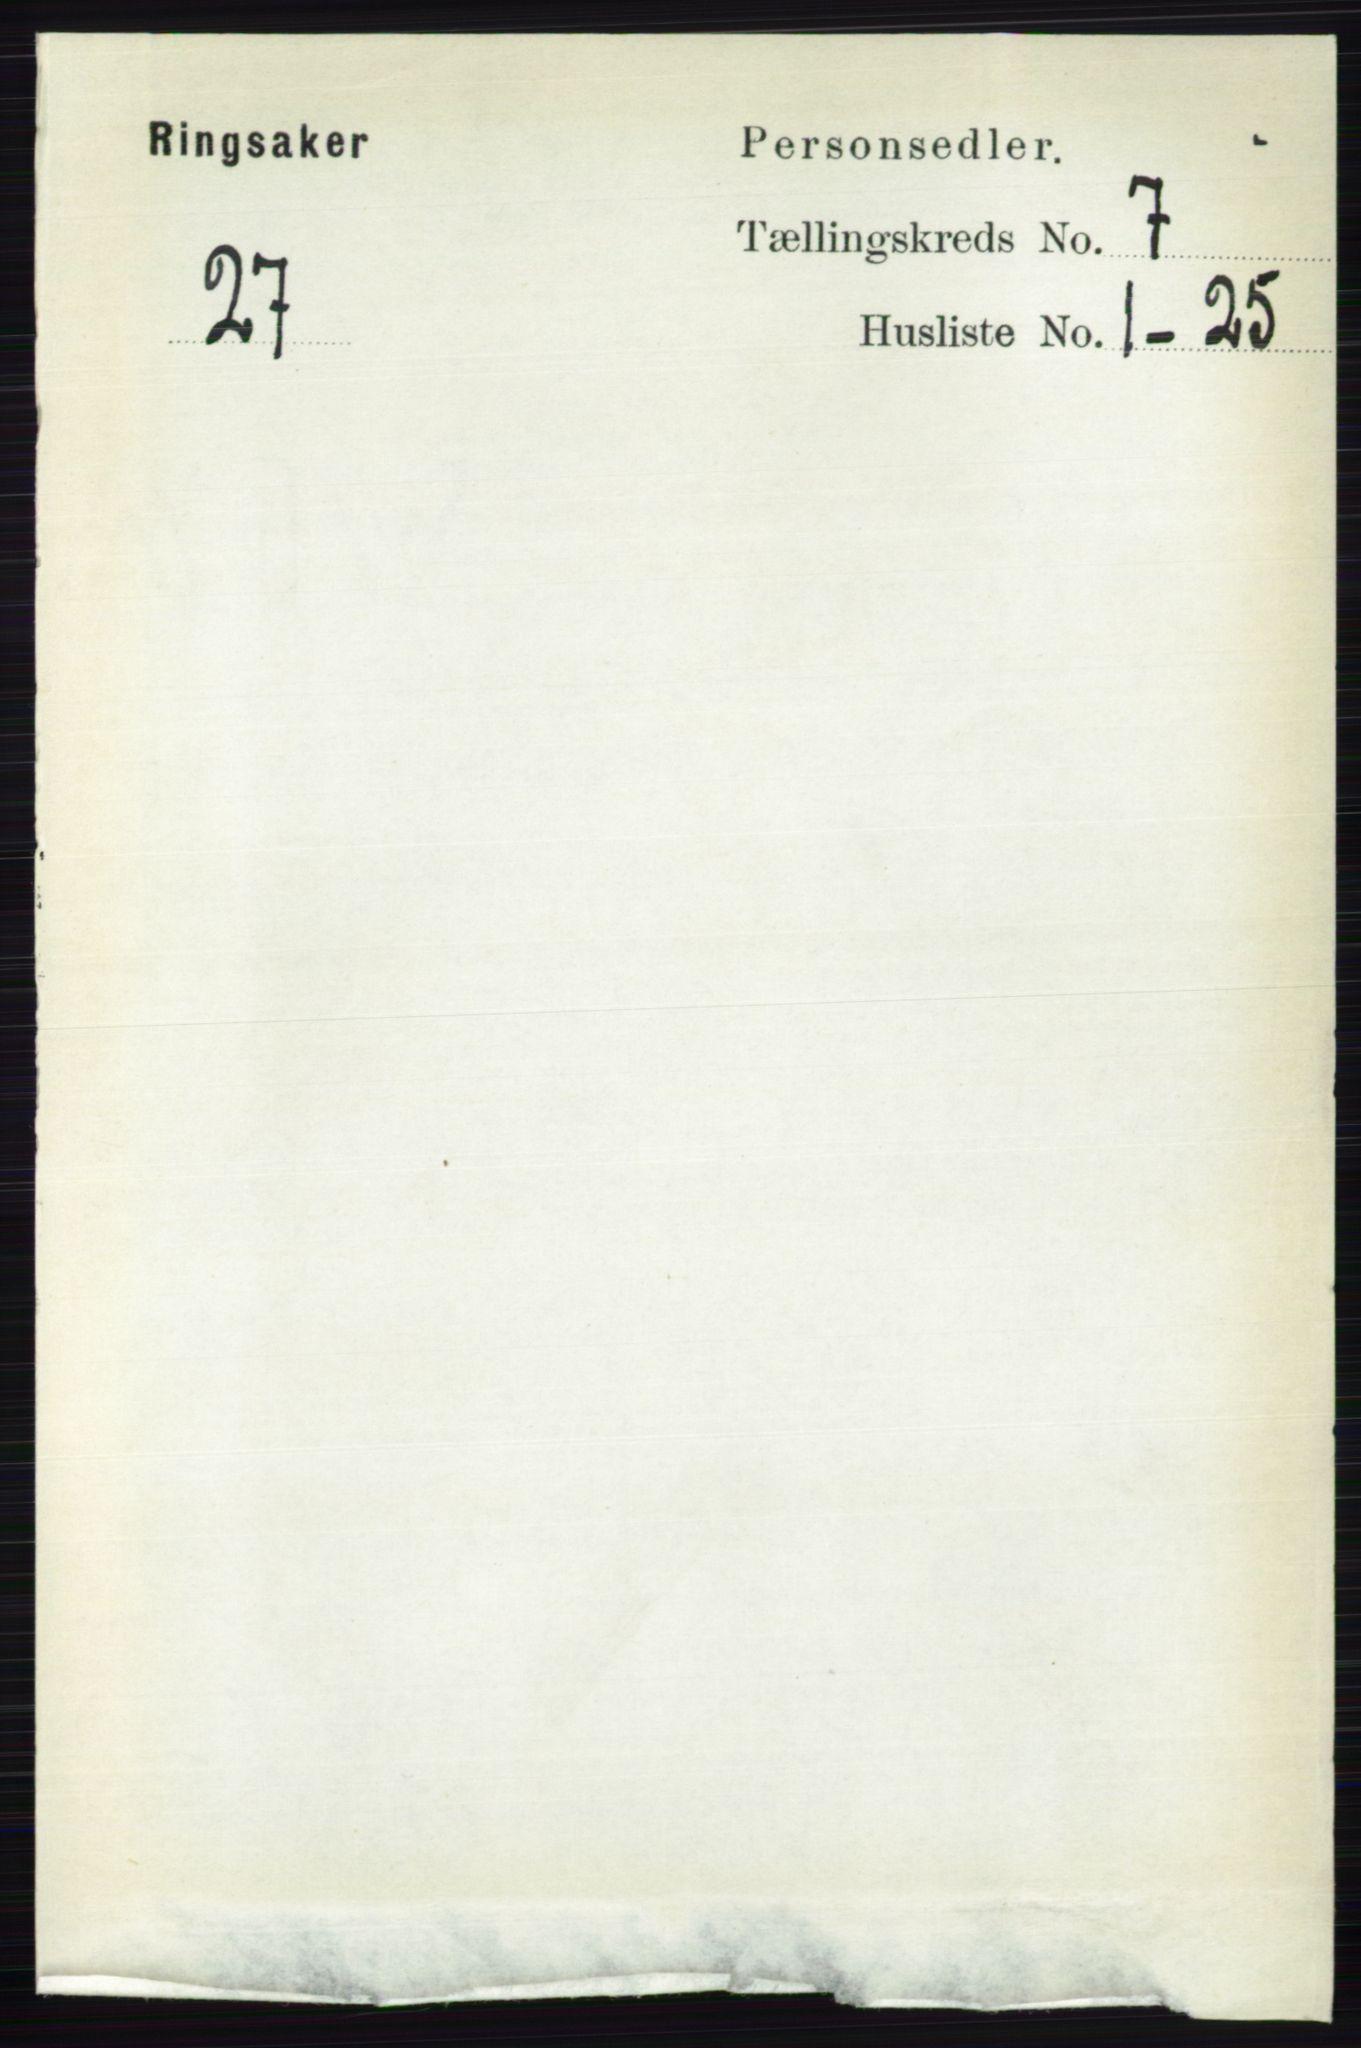 RA, Folketelling 1891 for 0412 Ringsaker herred, 1891, s. 3865